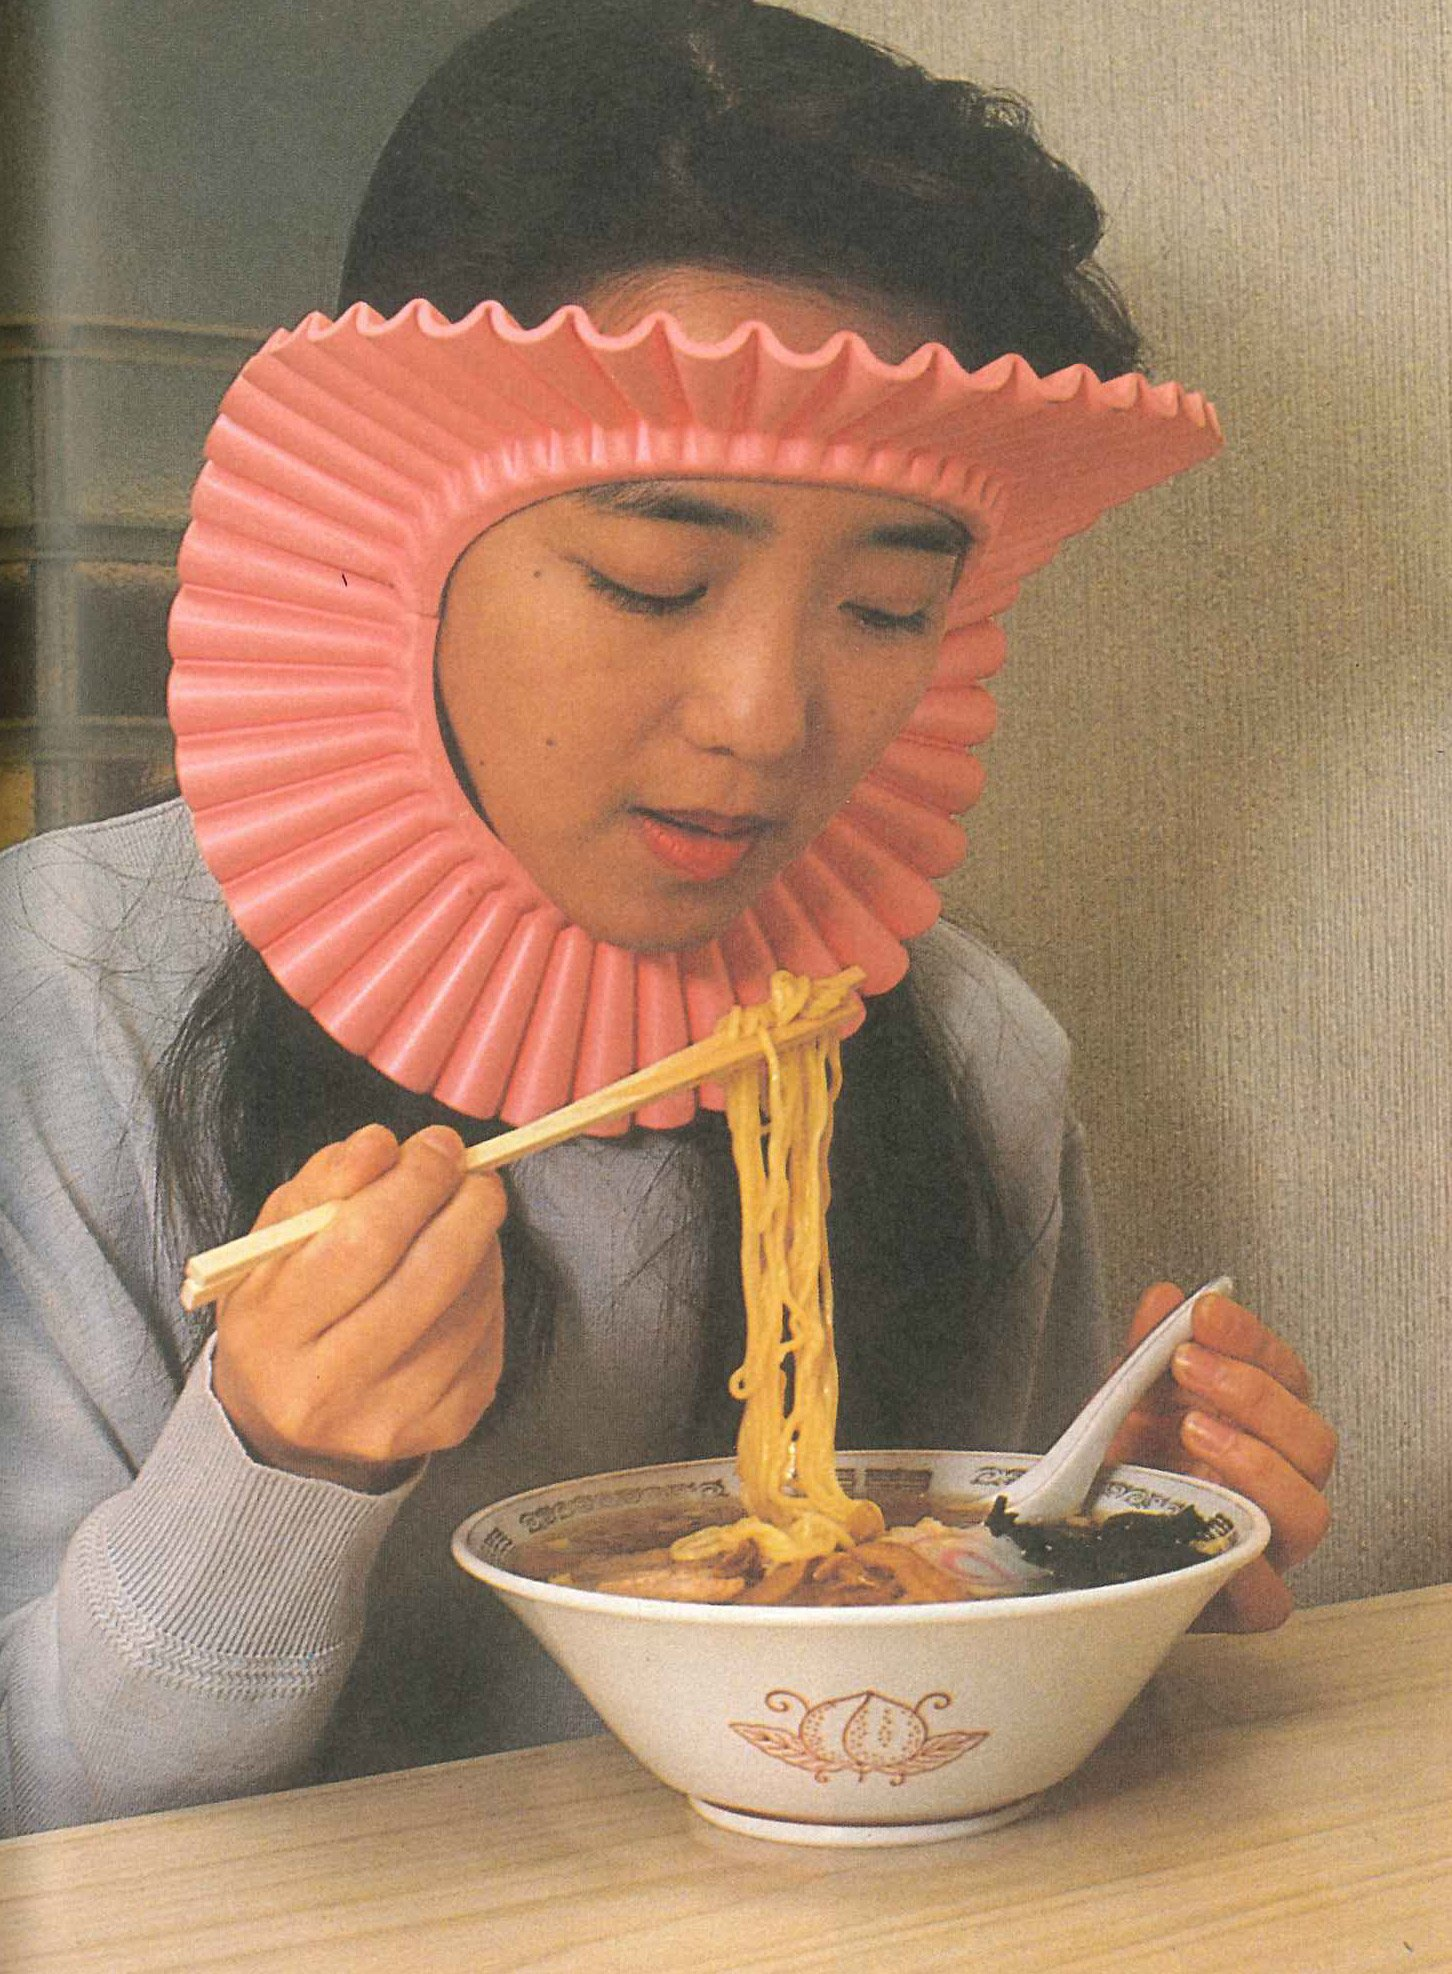 бесполезные японские изобретения чиндогу японская дичь отвратительные мужики disgusting men